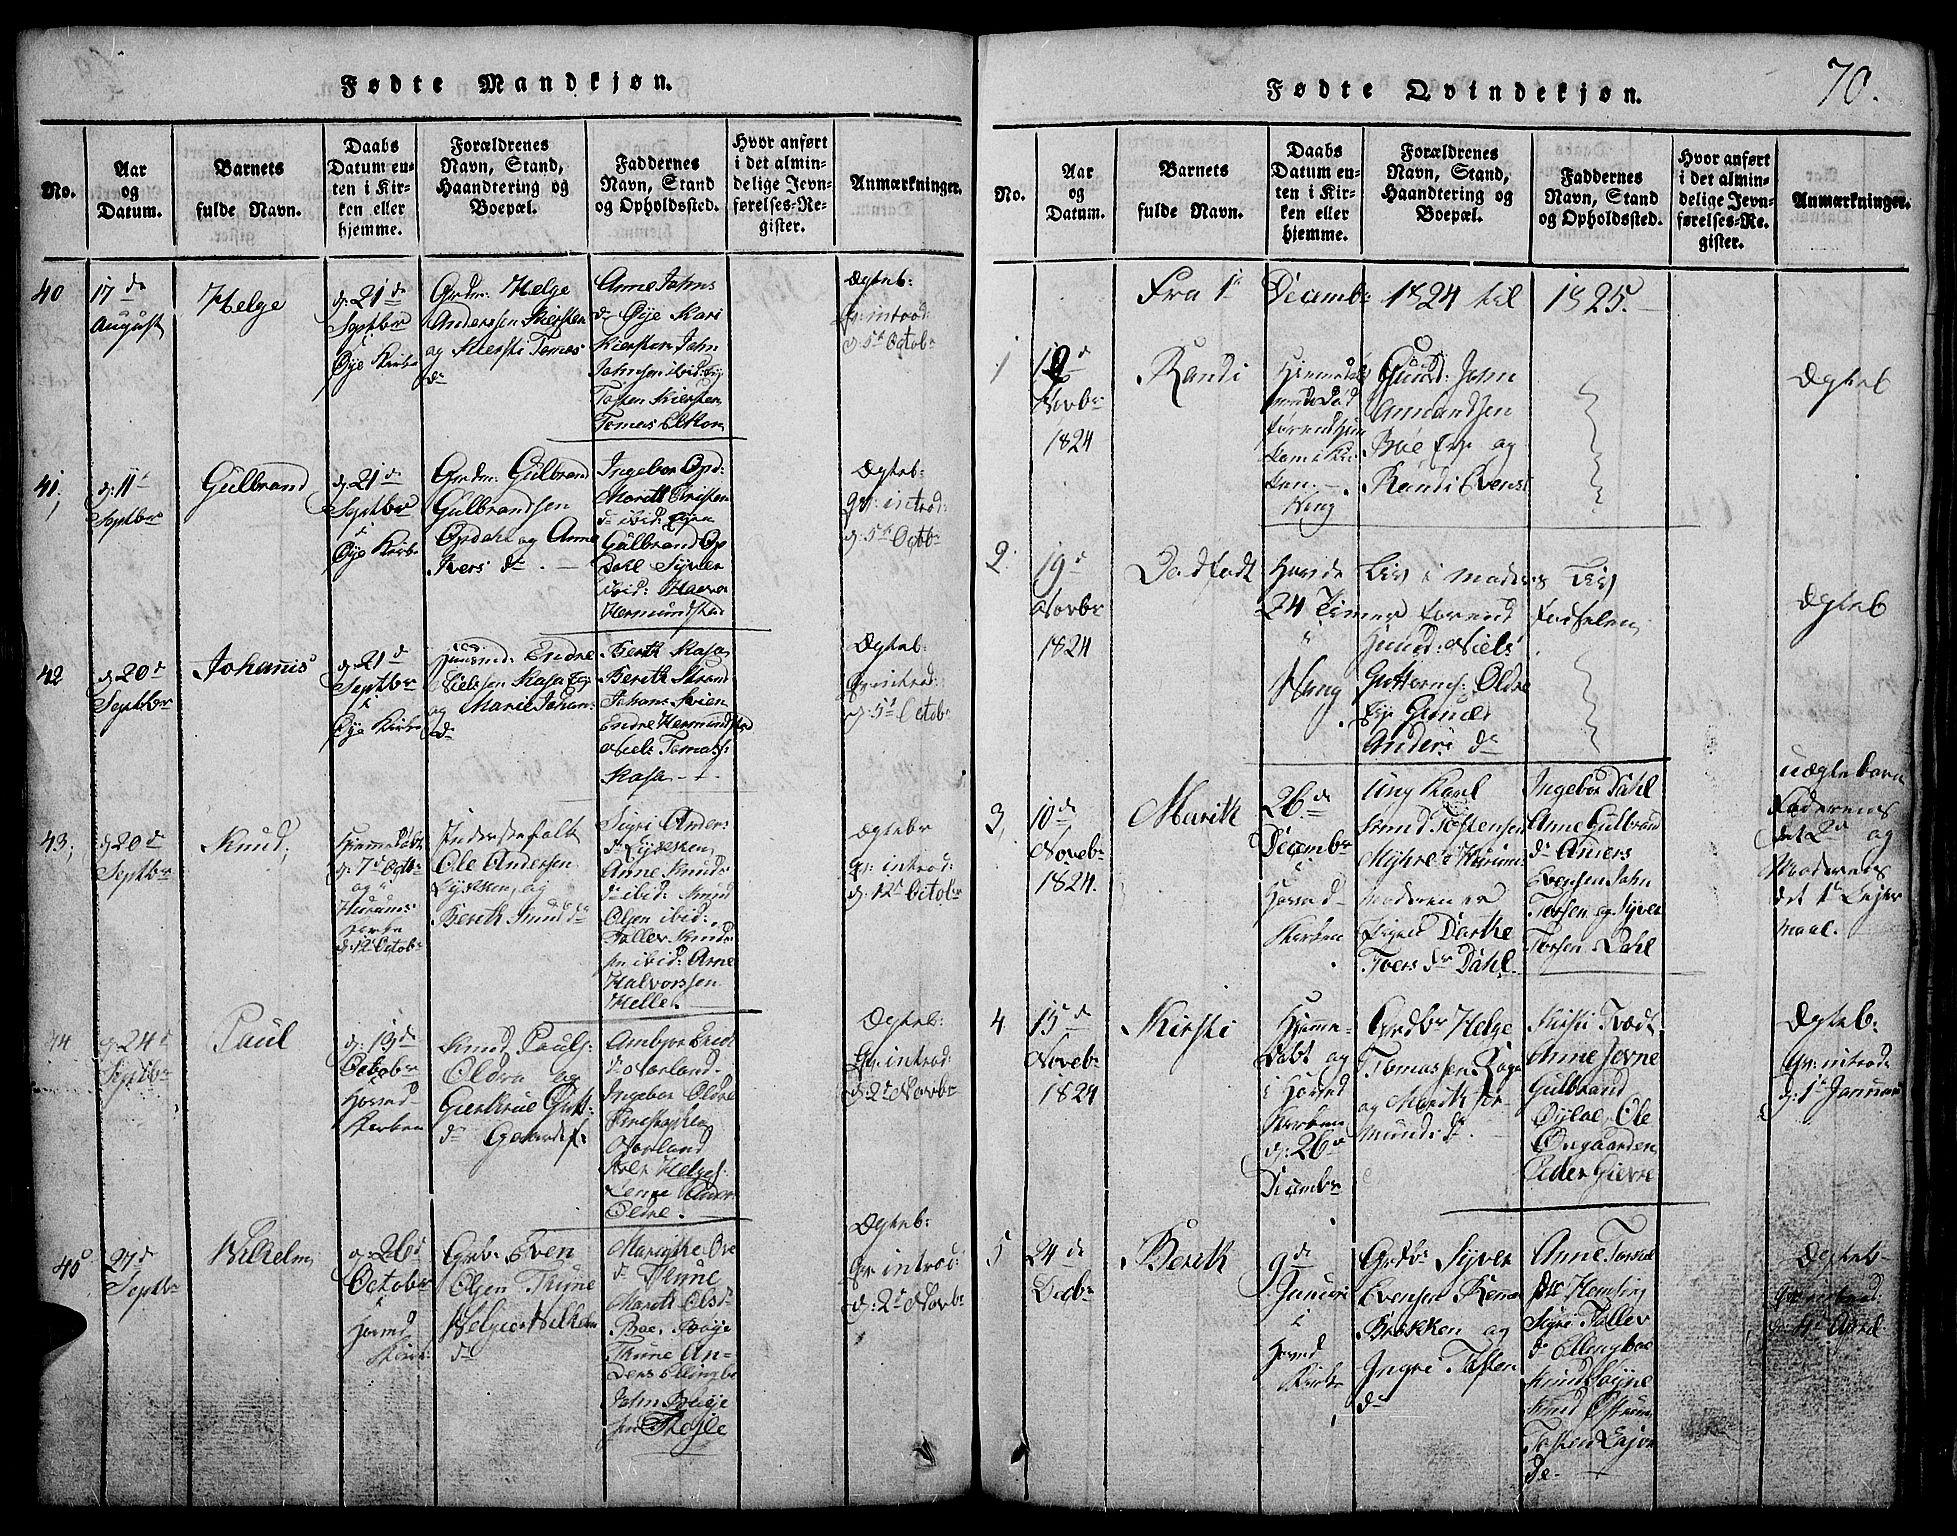 SAH, Vang prestekontor, Valdres, Klokkerbok nr. 2, 1814-1889, s. 70